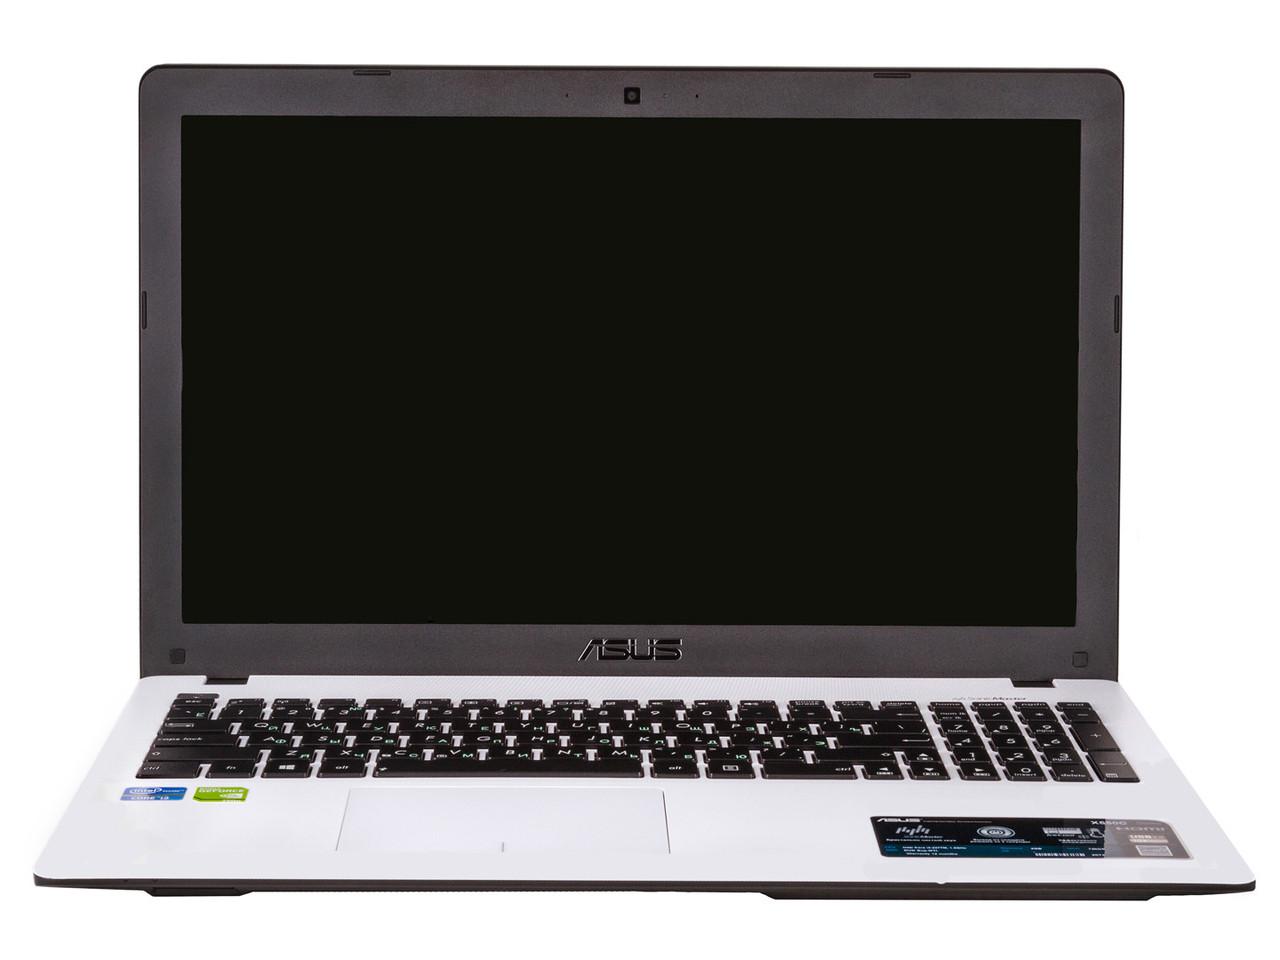 Ноутбук ASUS X550C-Intel Celeron 1007U-1.8GHz-4Gb-DDR3-320Gb-HDD-W15.6-Web-(B-)- Б/У